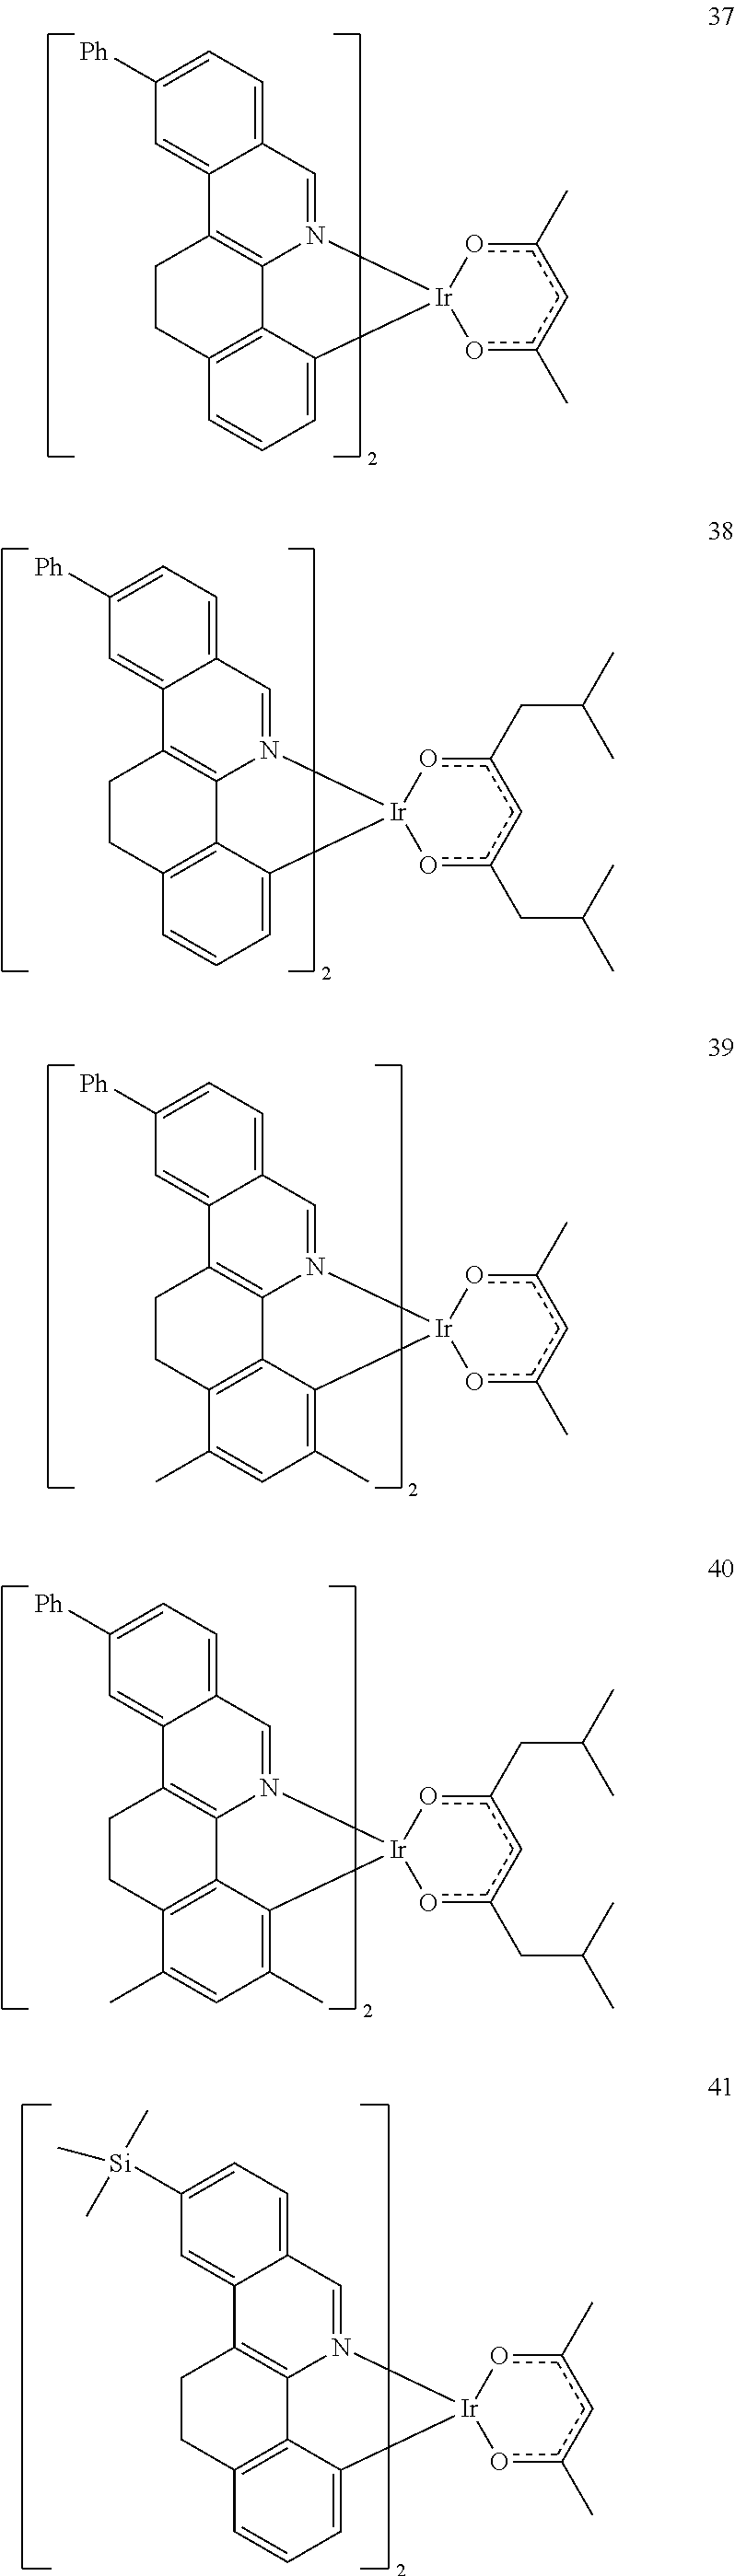 Figure US20130032785A1-20130207-C00036